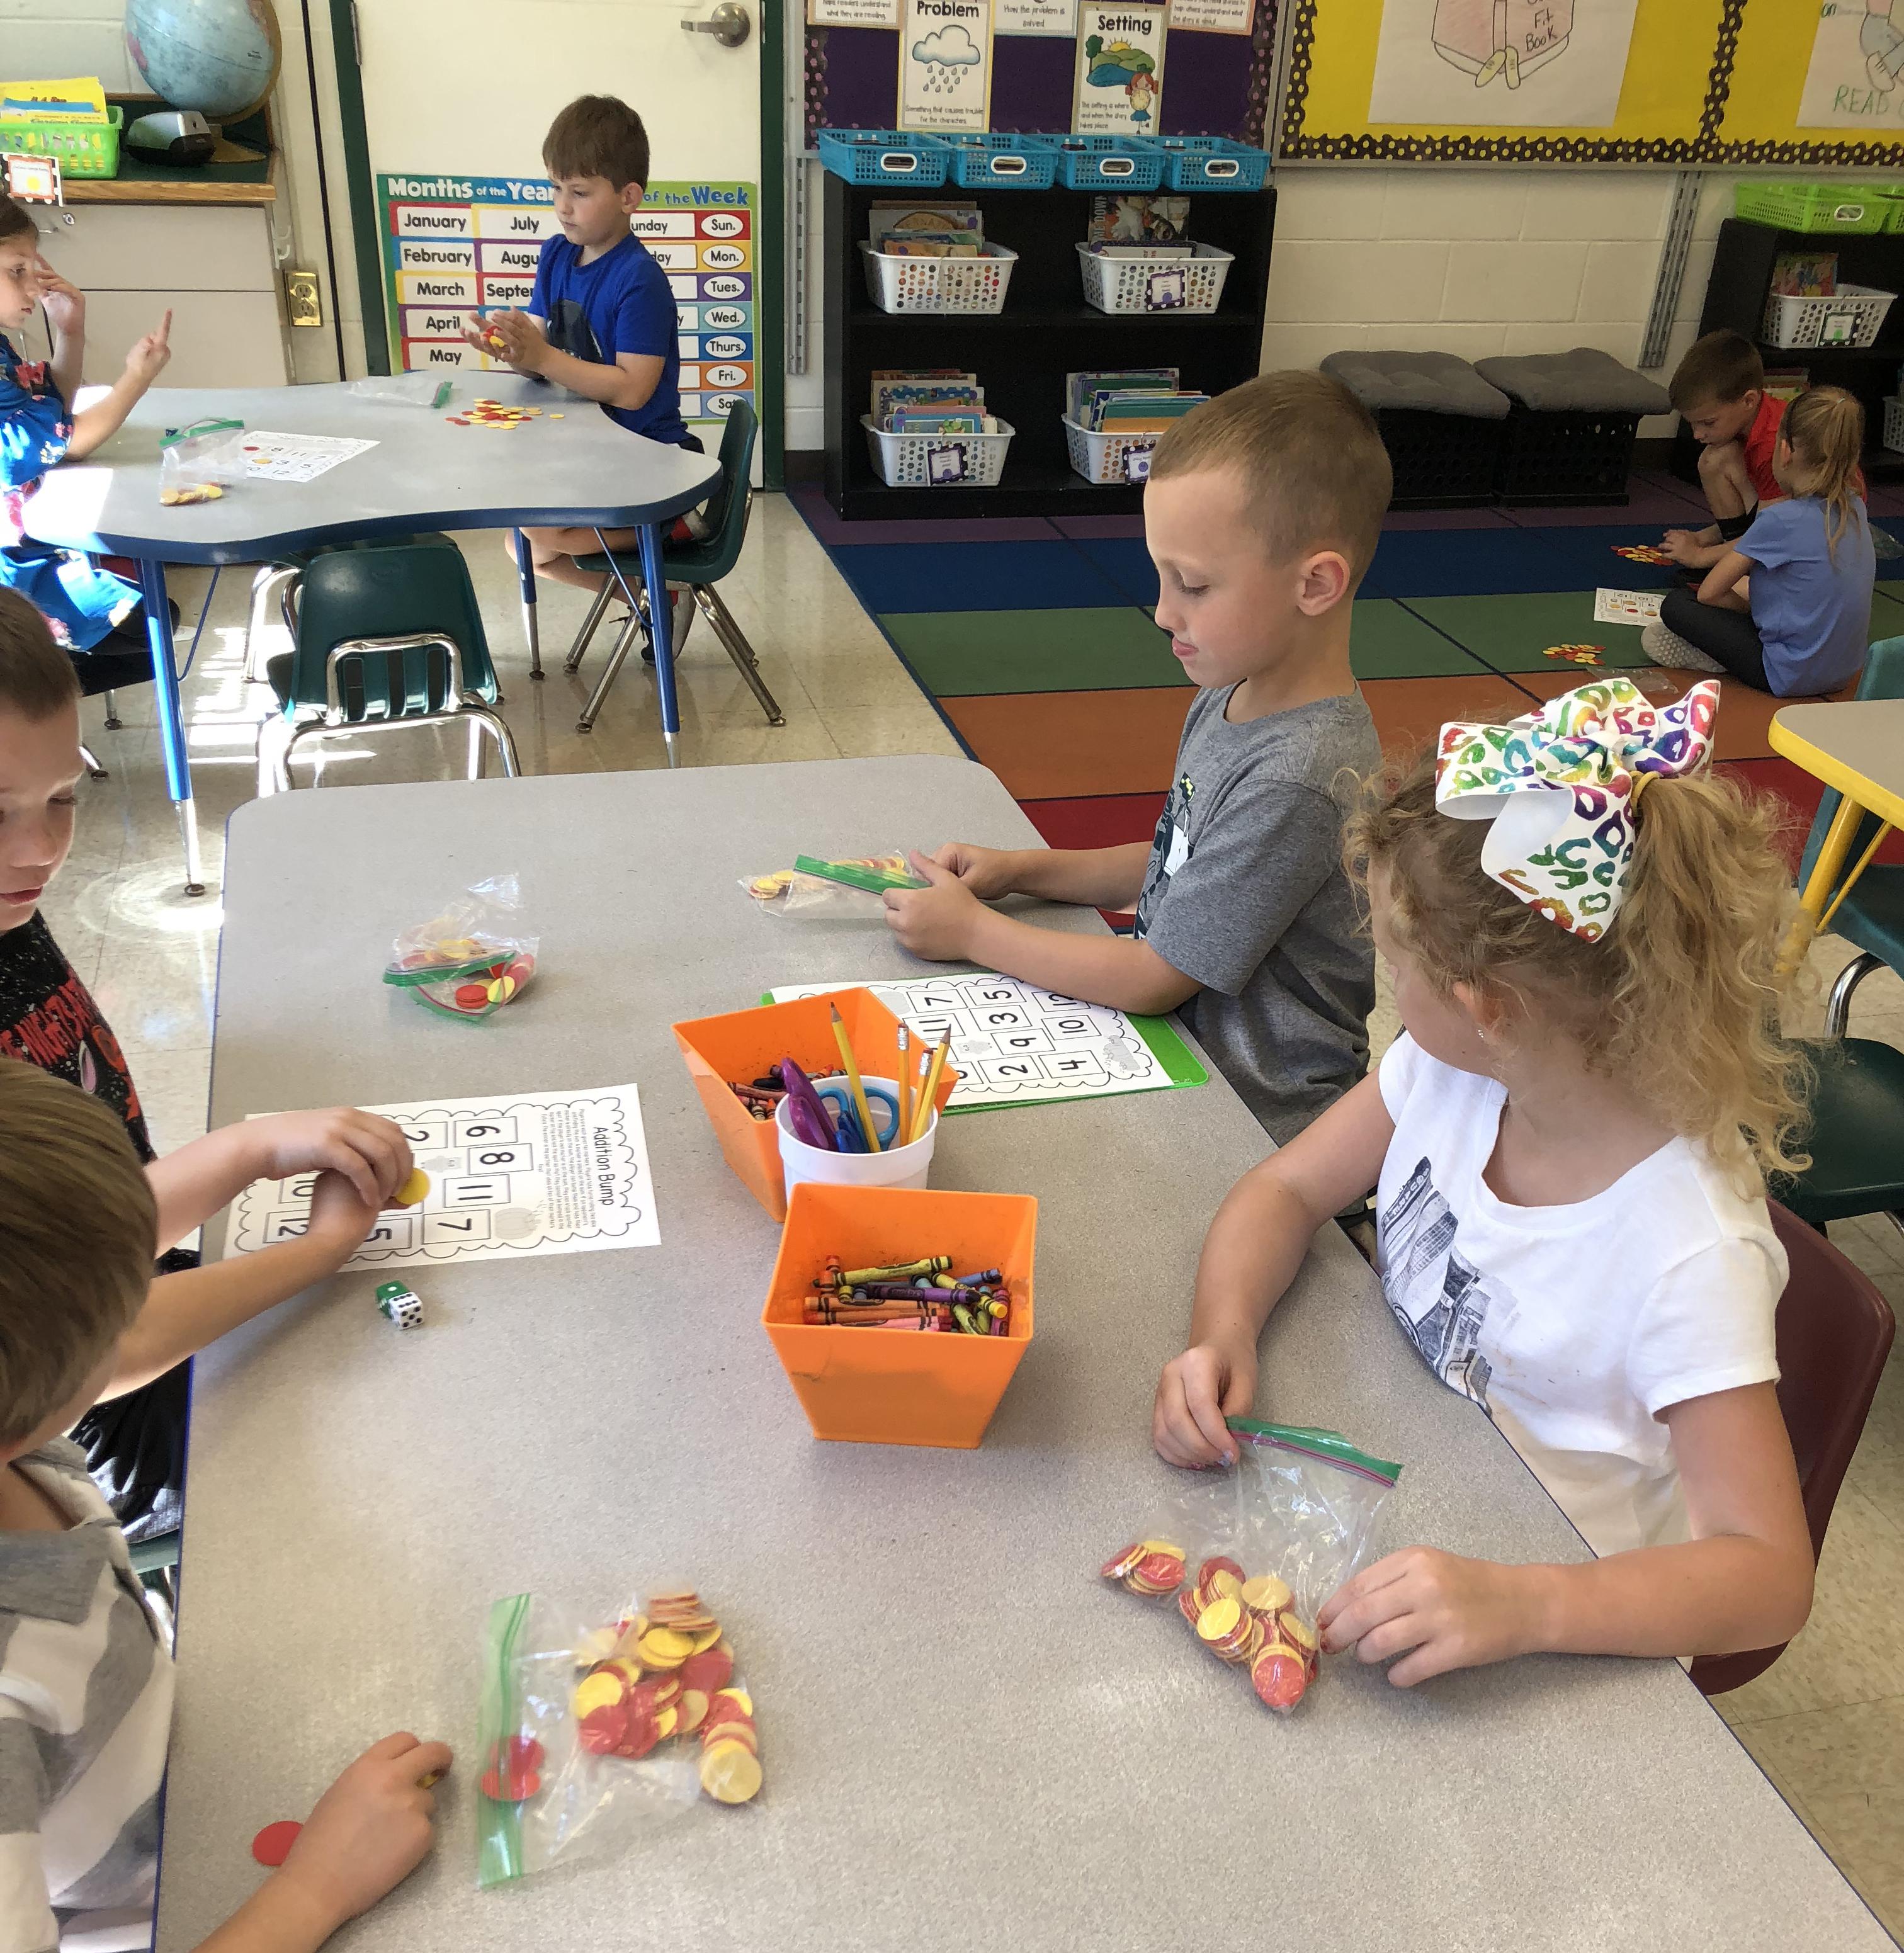 children work on math together